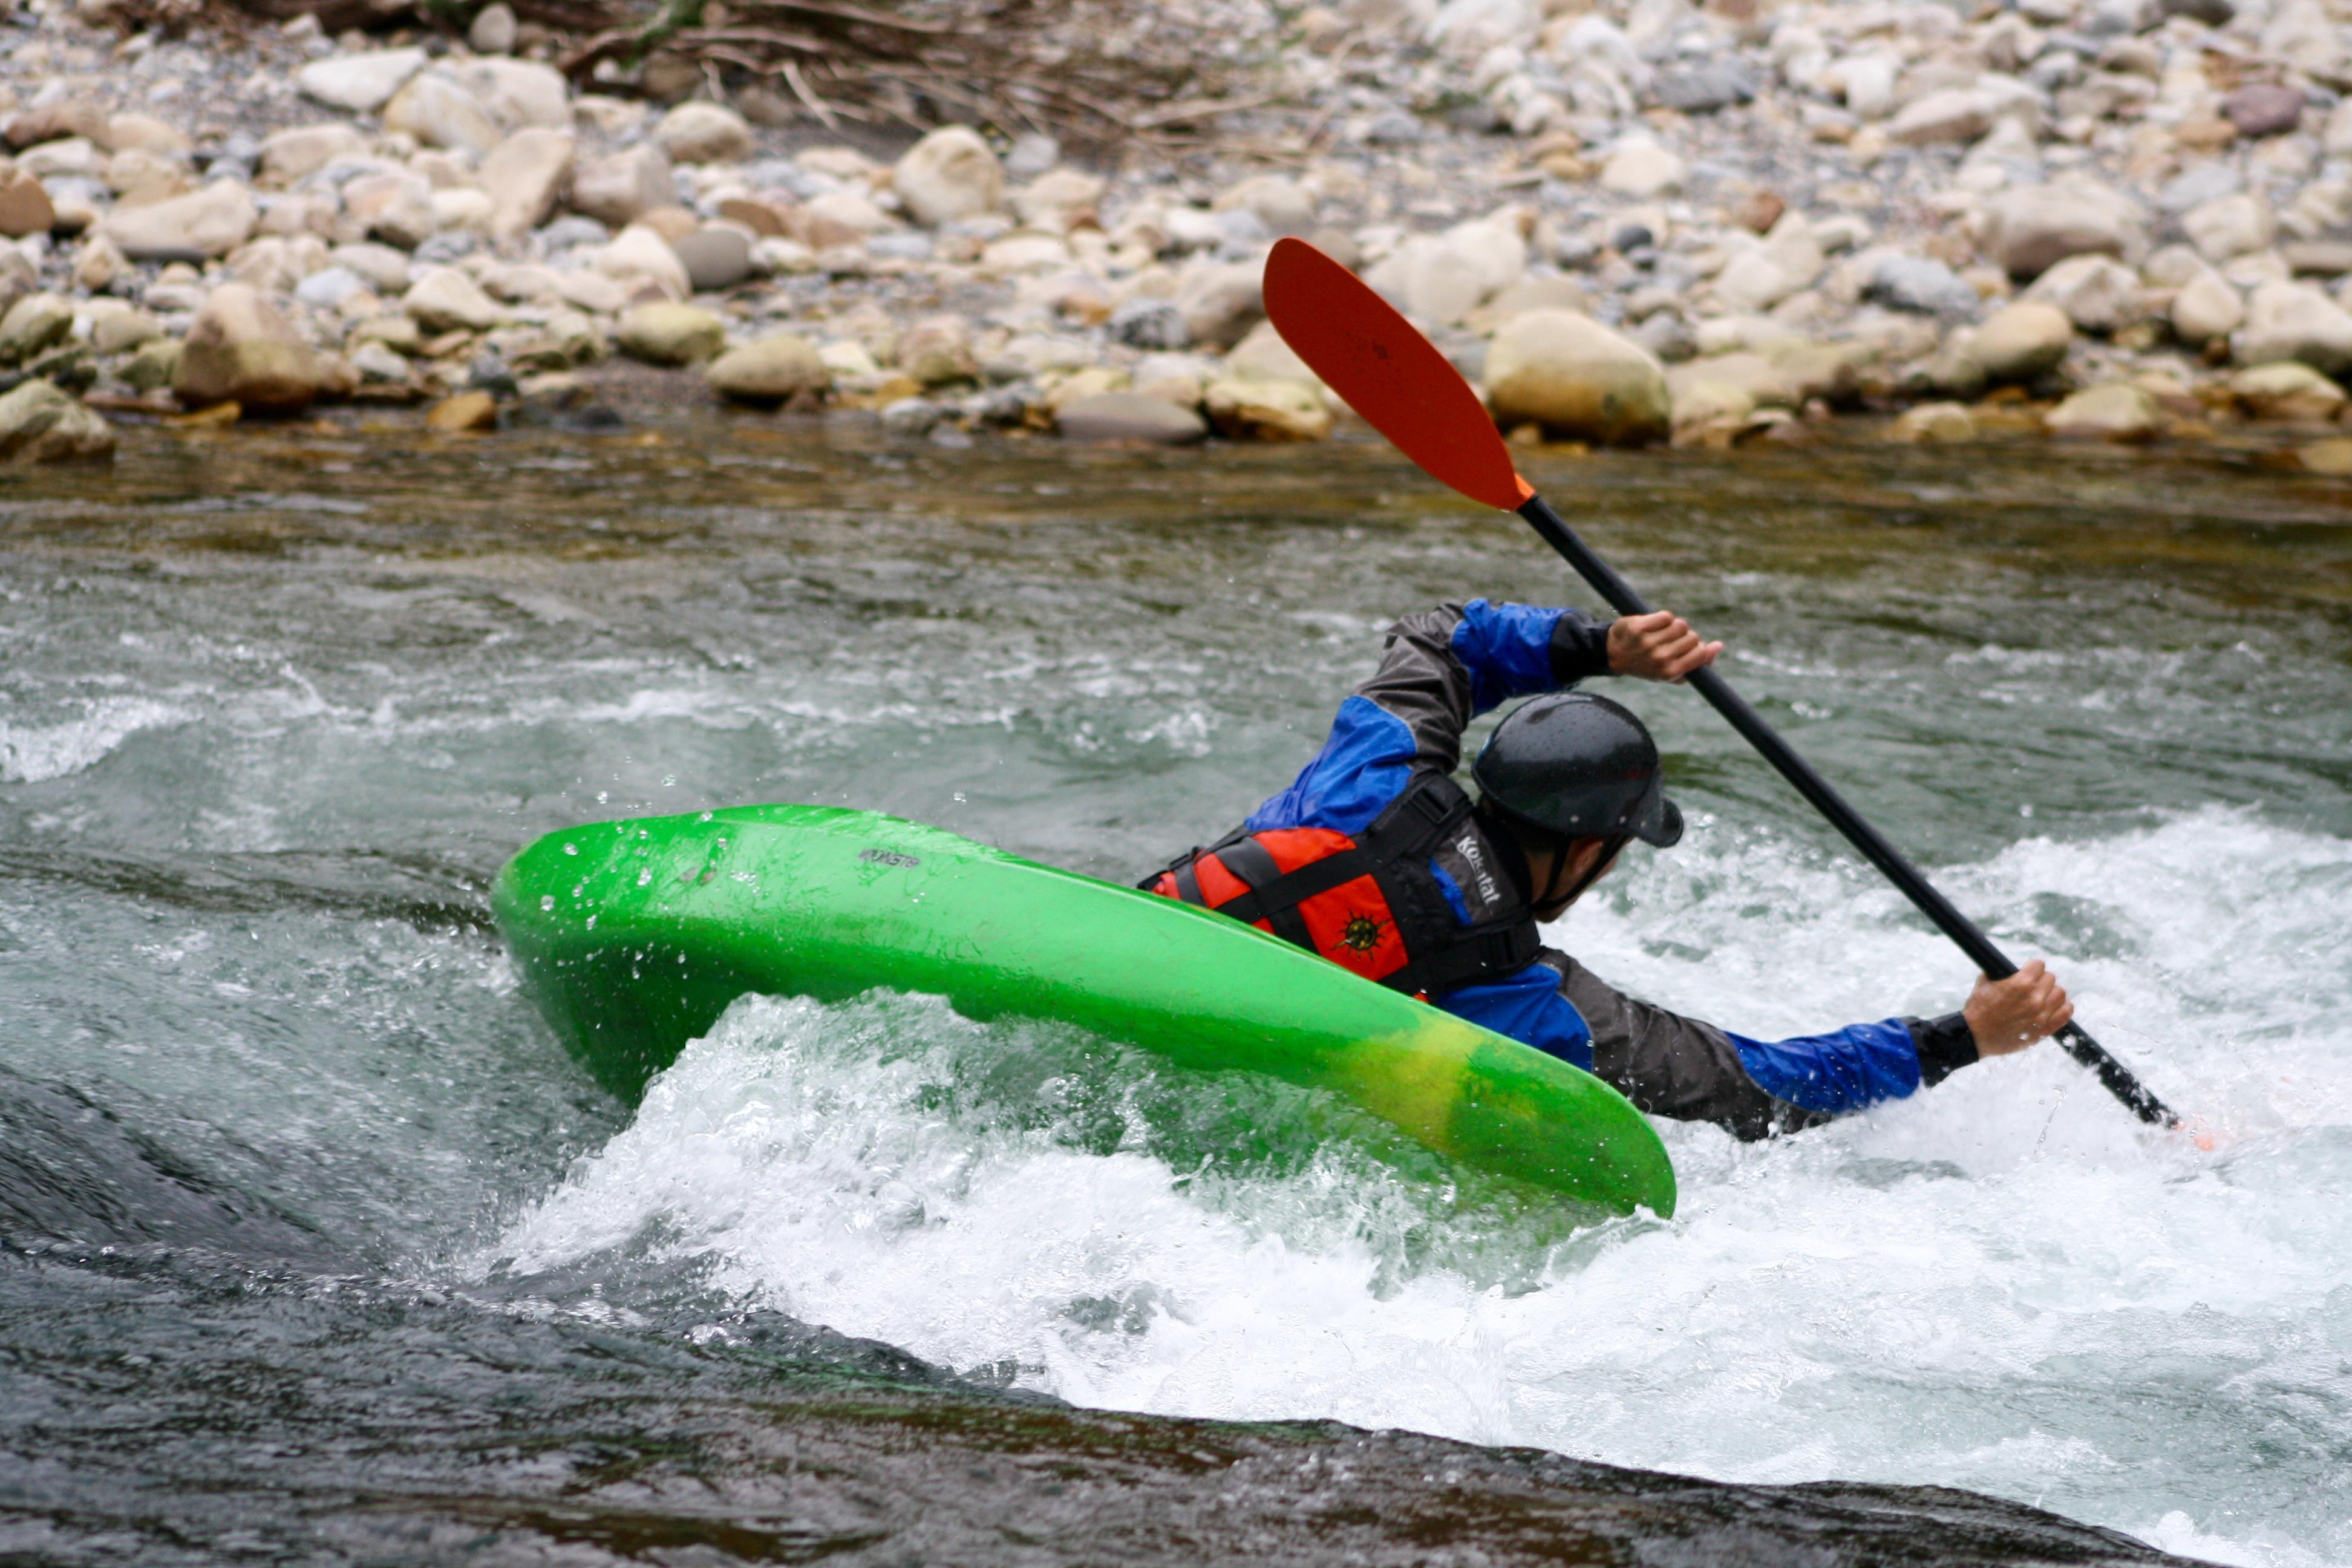 Actividades de turismo activo en Asturias